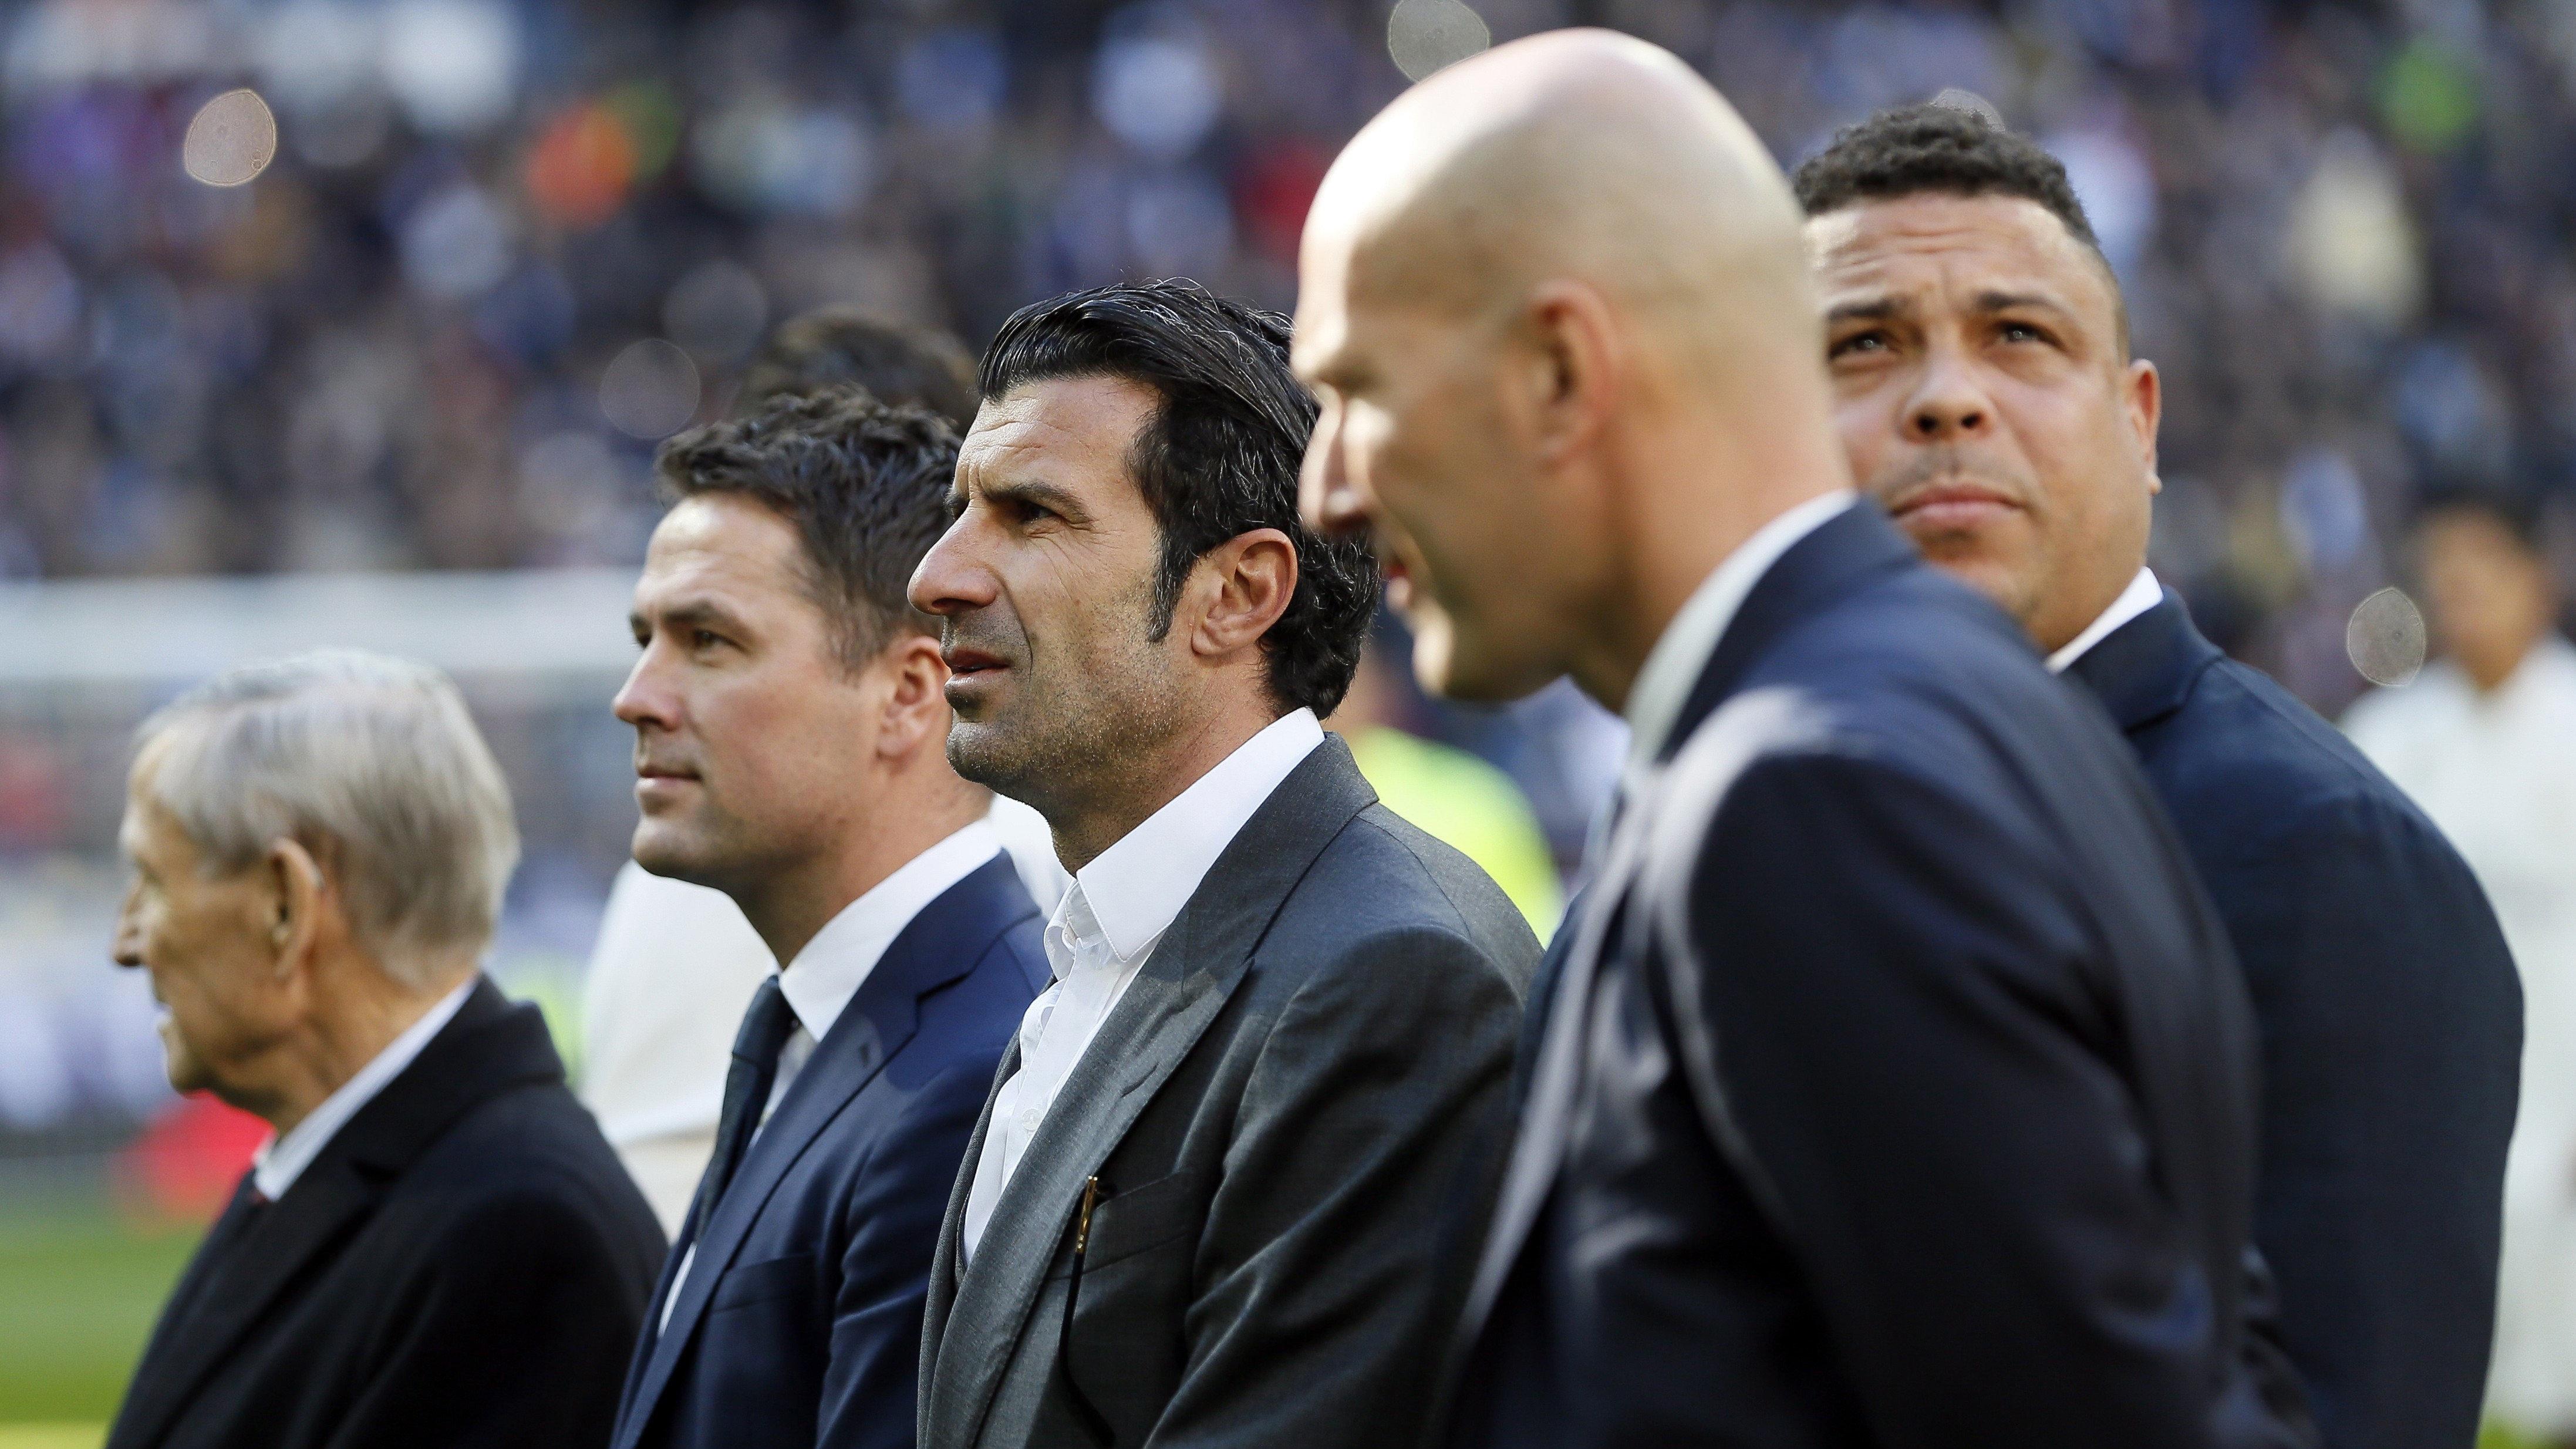 Zidane, acompañando a Cristiano Ronaldo junto a otras leyendas blancas en el Bernabéu.